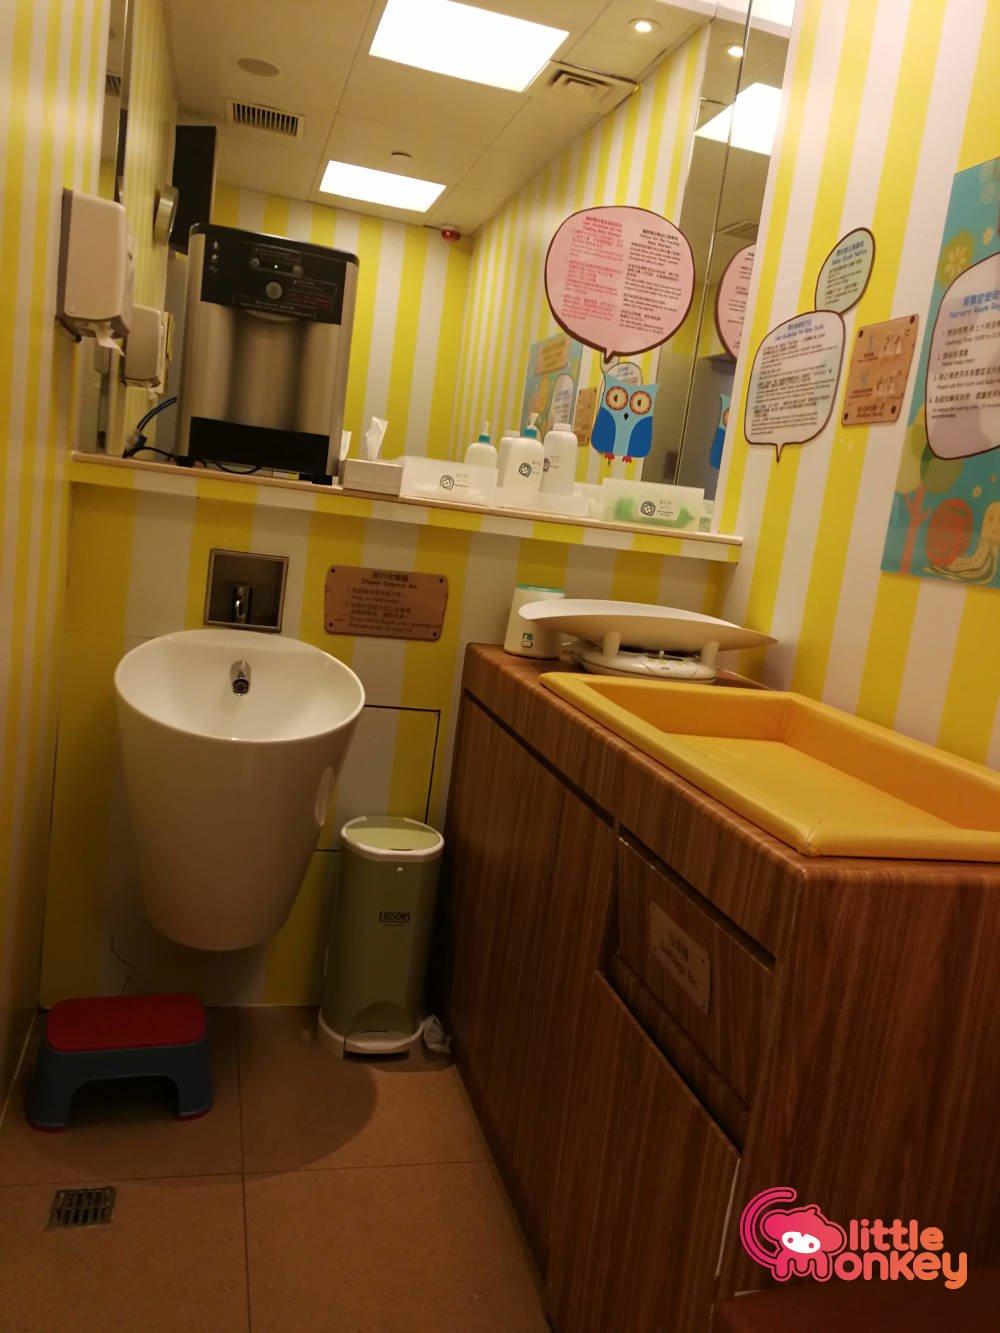 K11's nursery room